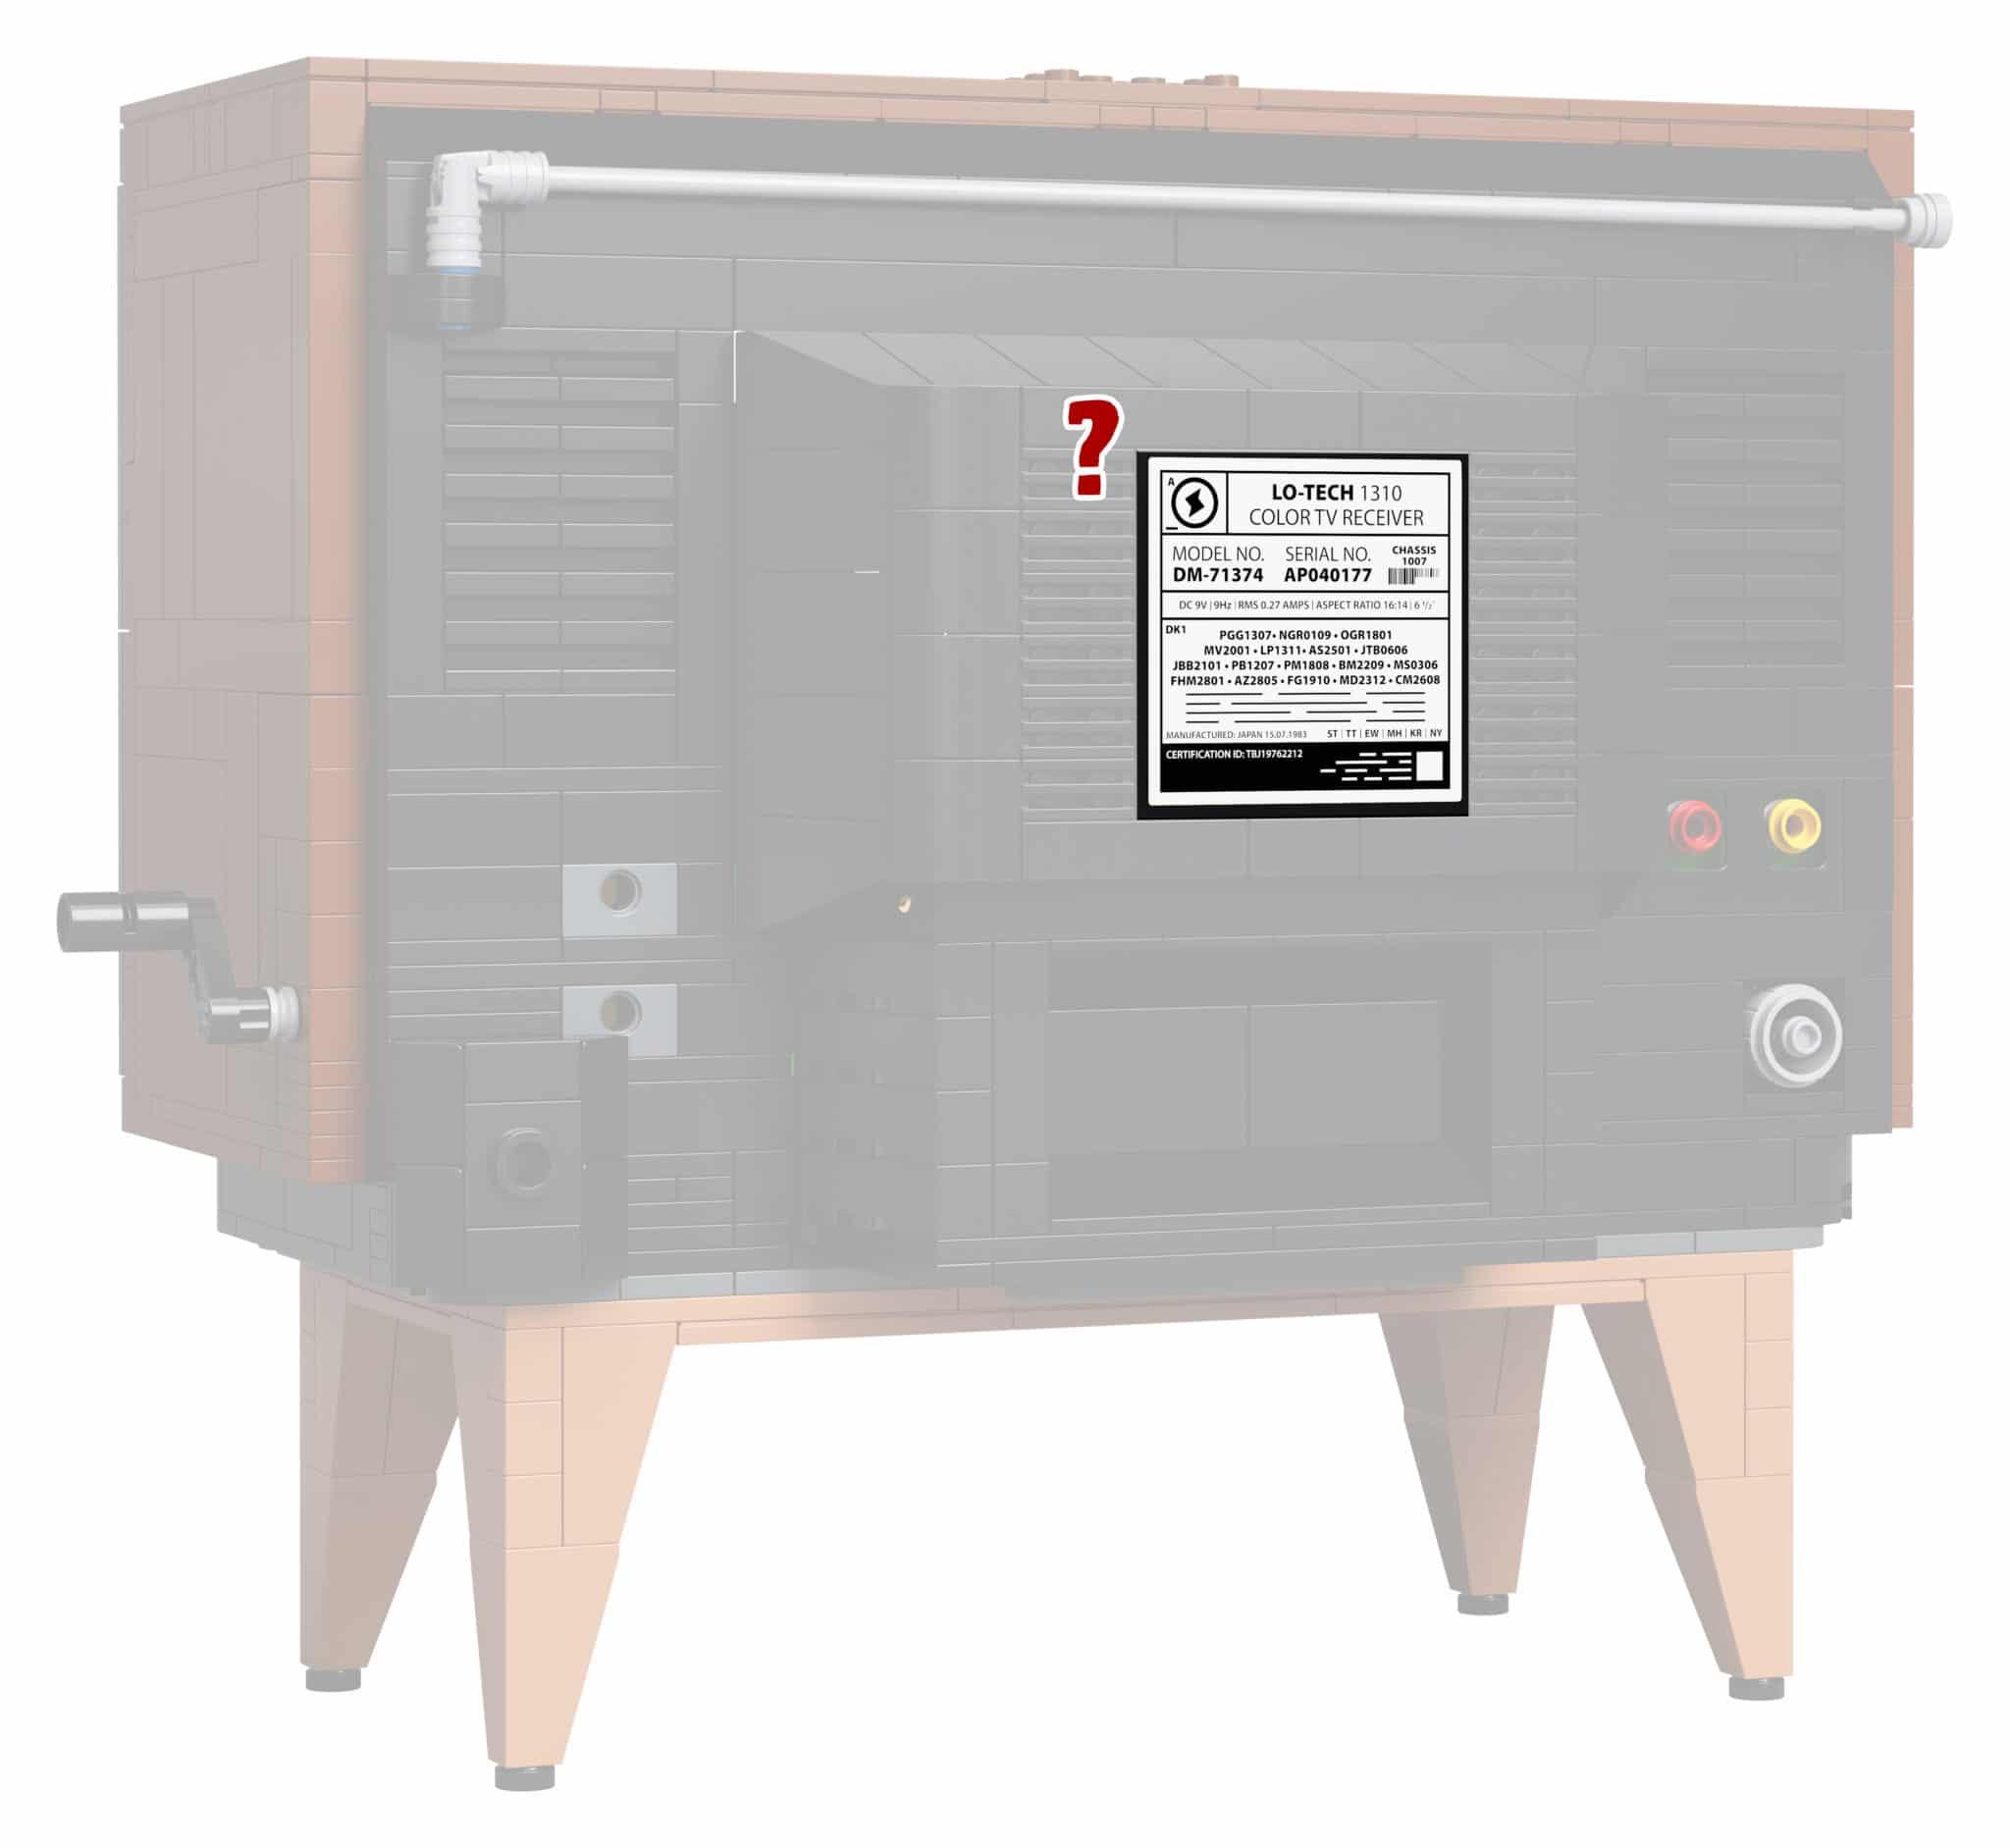 LEGO 71374 Fernseher Rückseite: Sticker oder Druck?